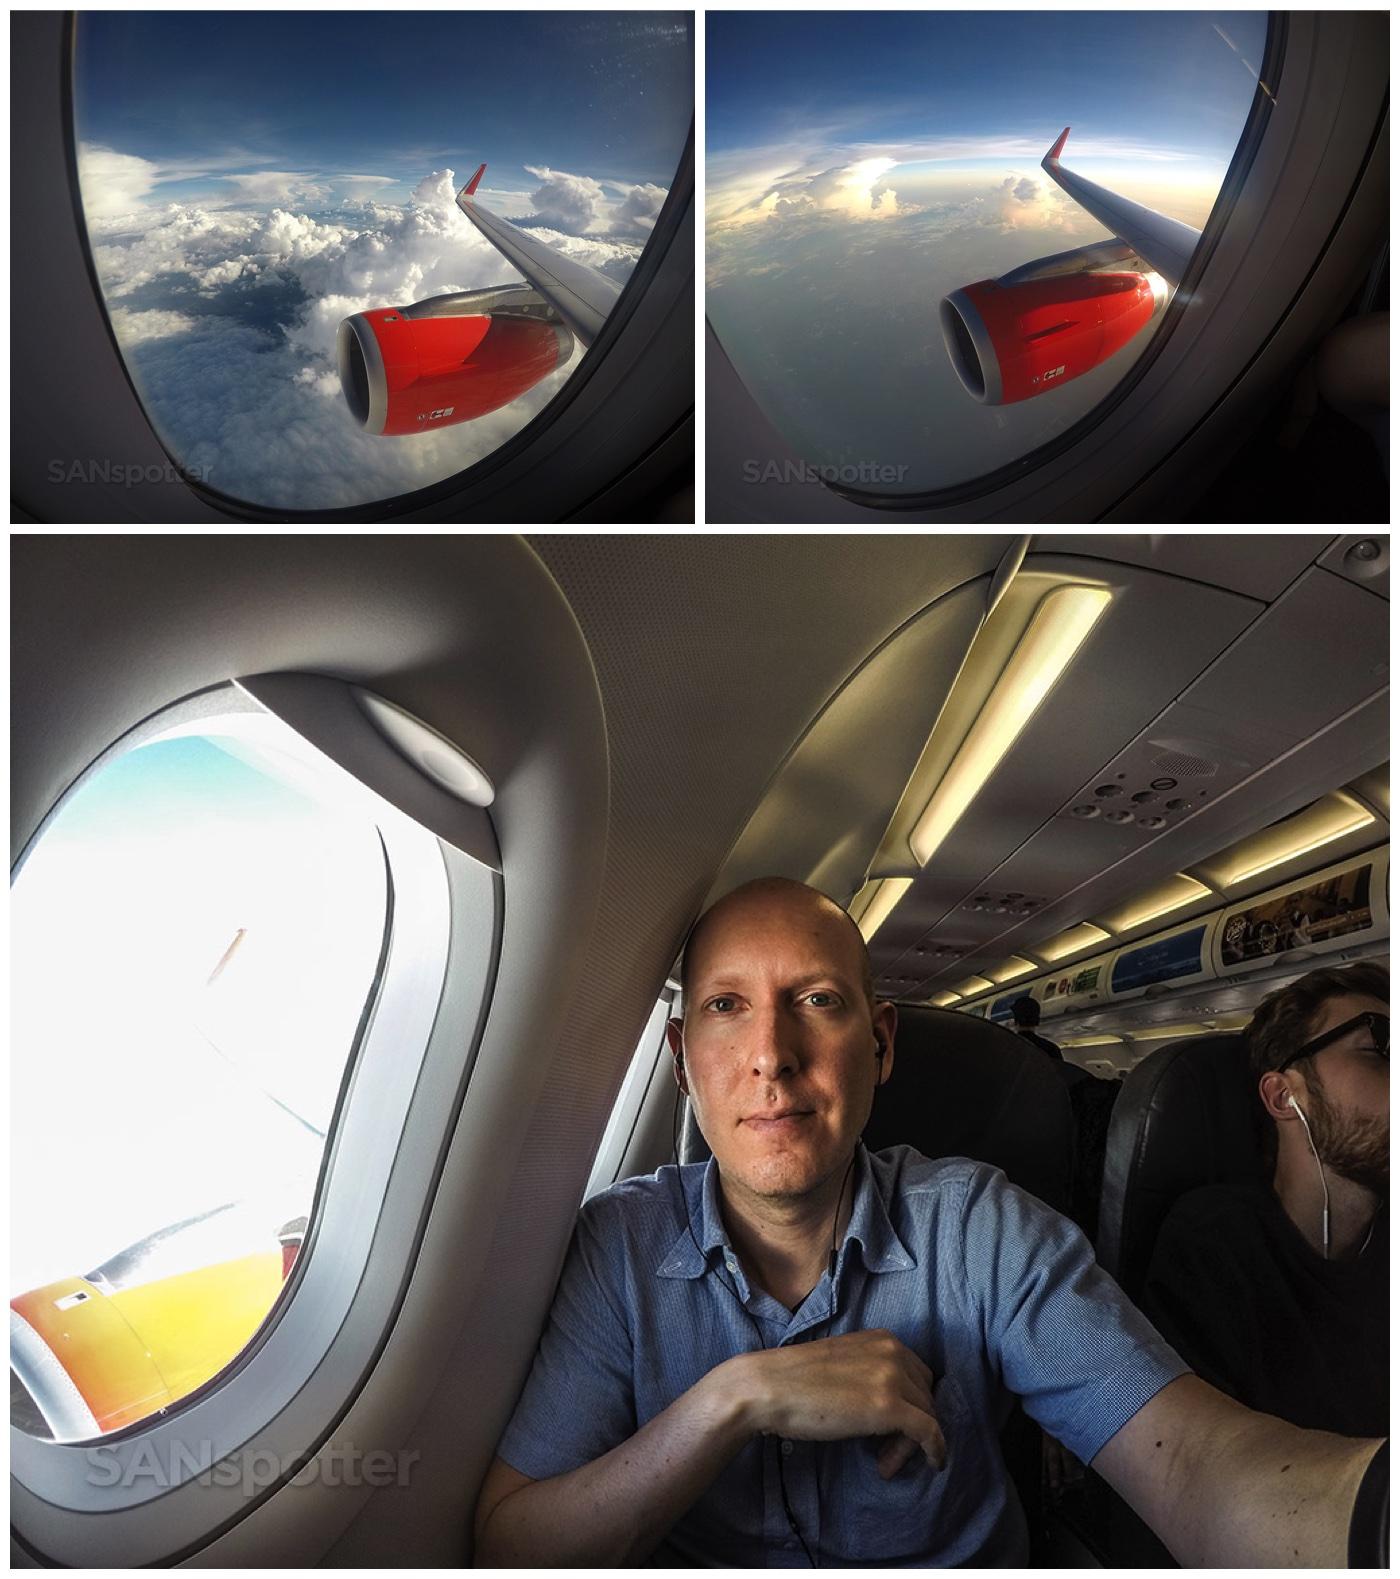 SANspotter selfie VivaAerobus